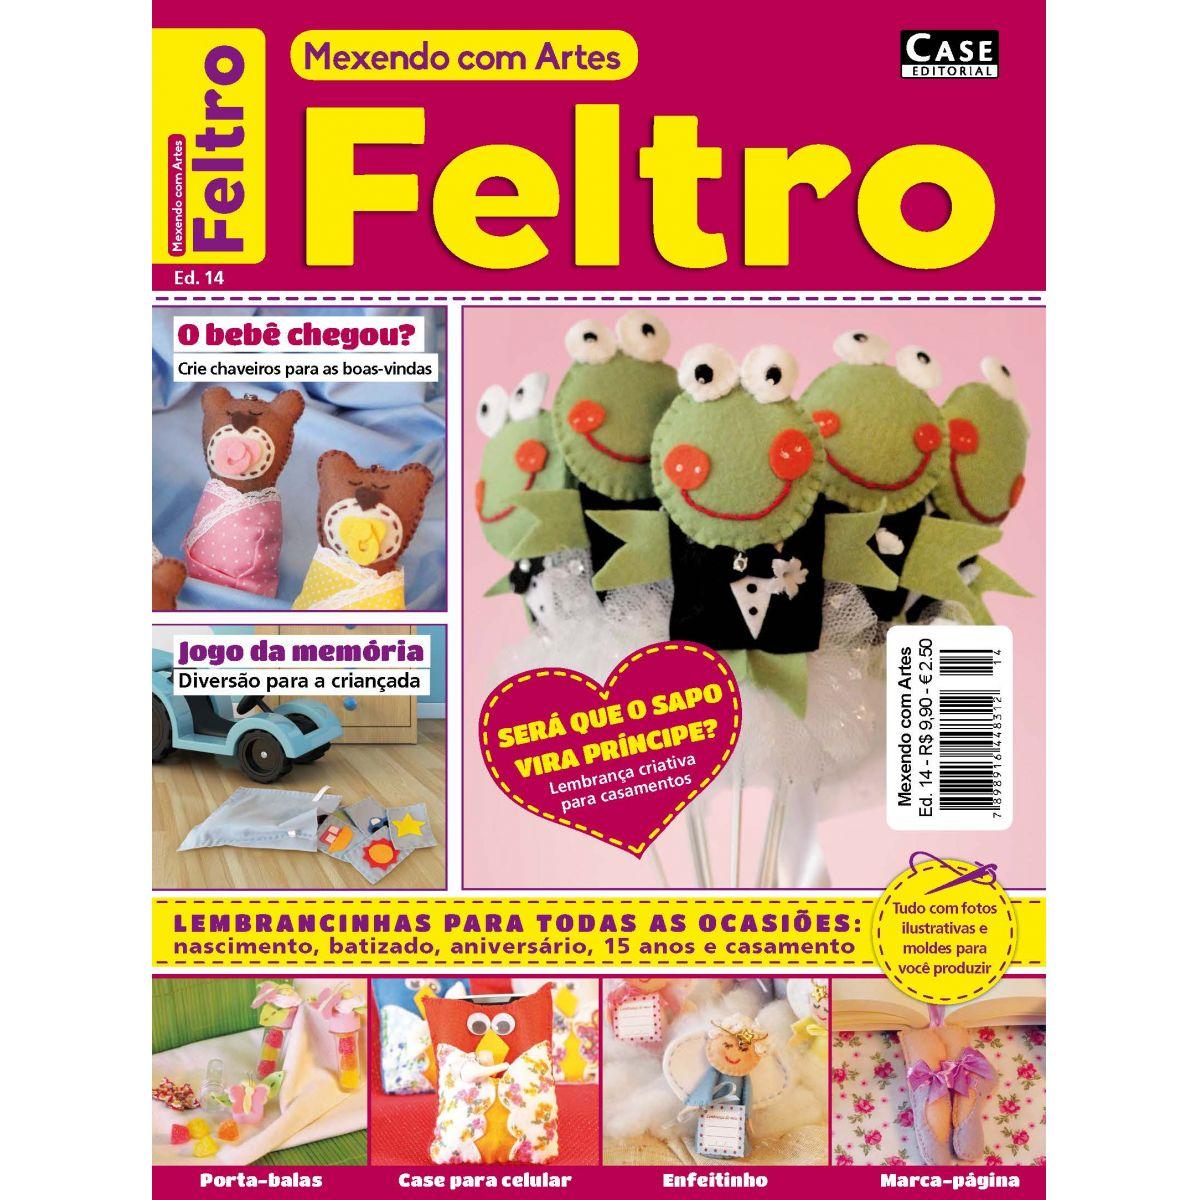 Mexendo com Artes - Edição 14 - VERSÃO PARA DOWNLOAD  - Case Editorial